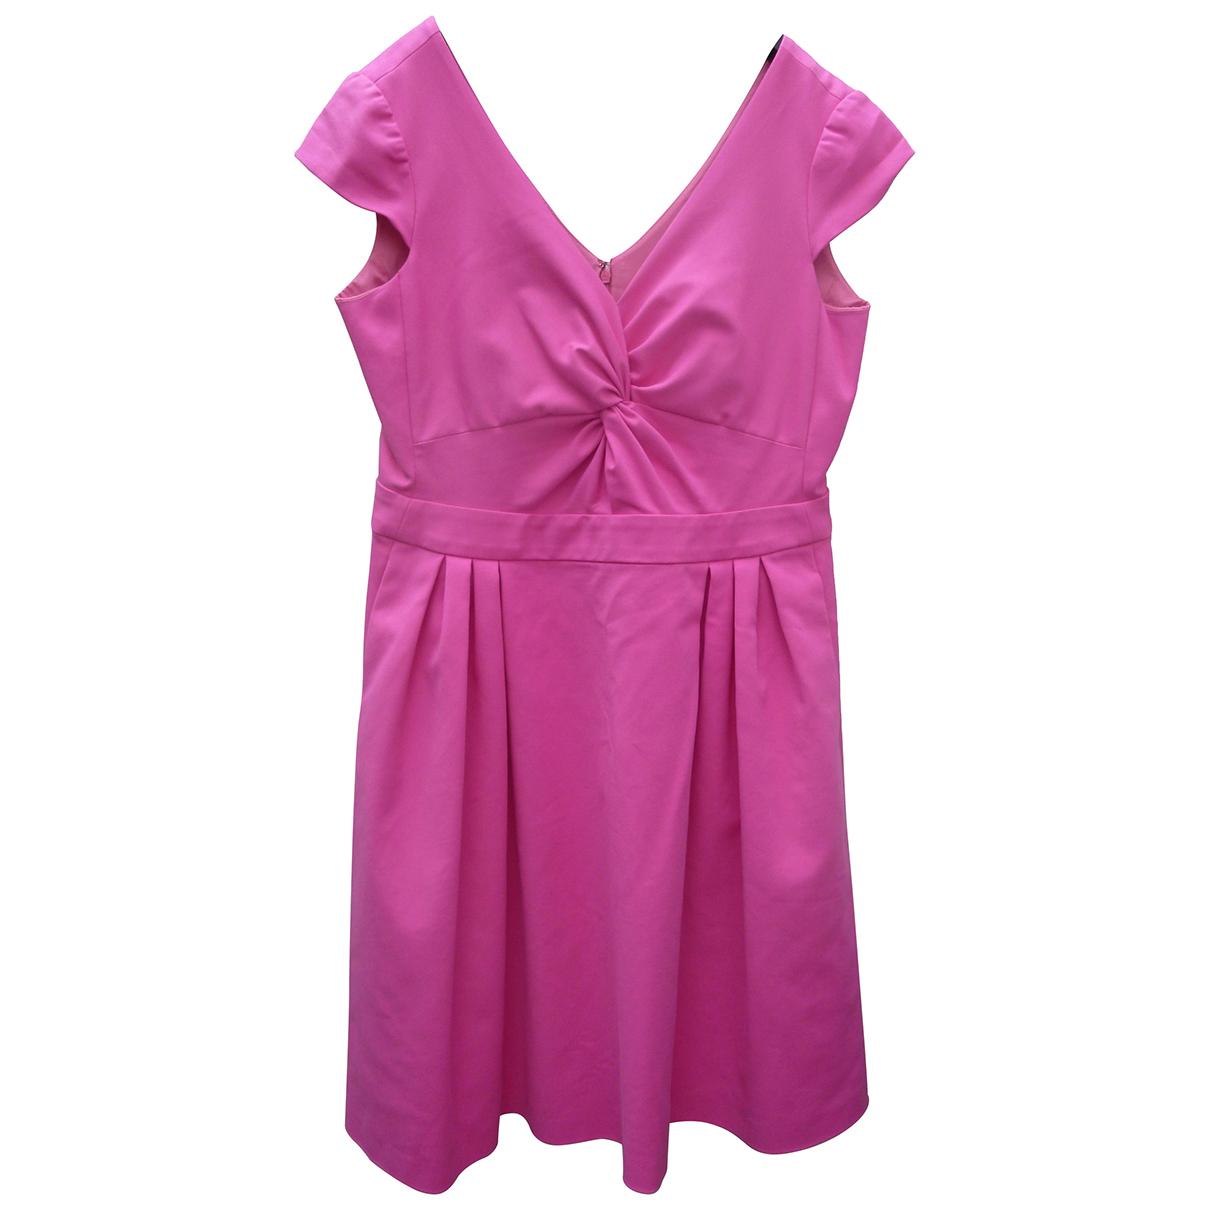 Armani Collezioni \N Kleid in  Rosa Baumwolle - Elasthan